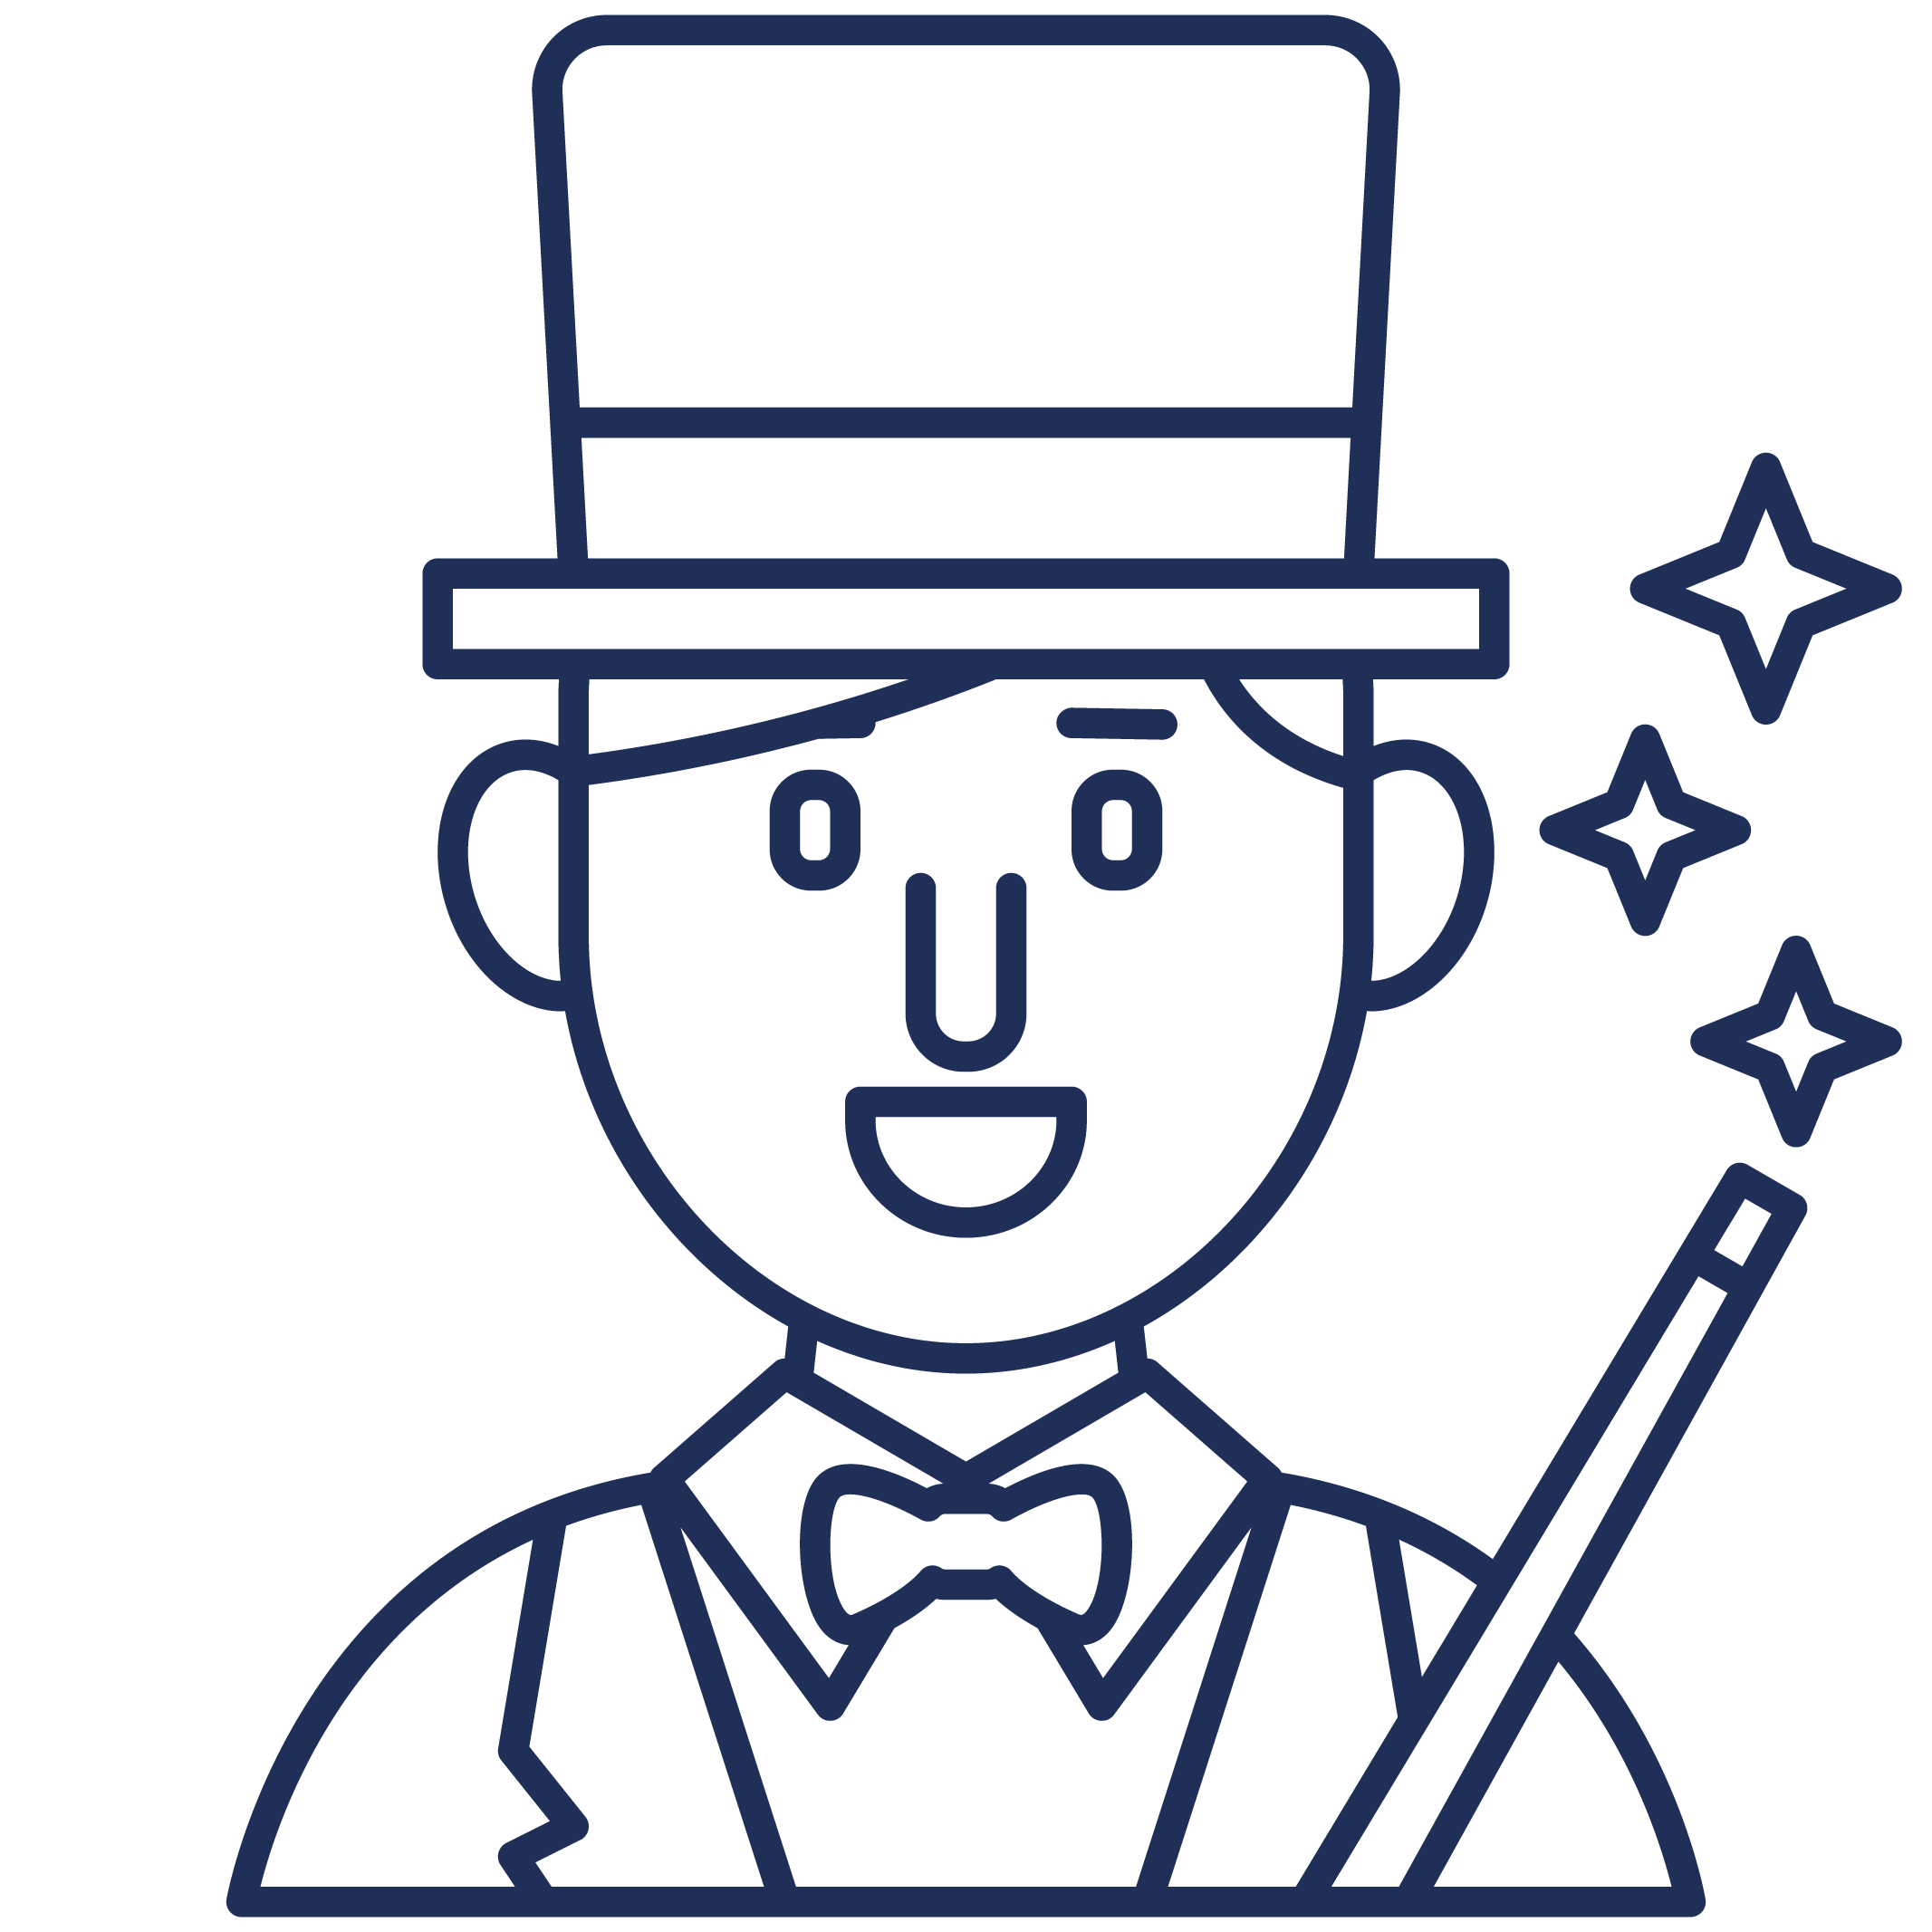 015-magician